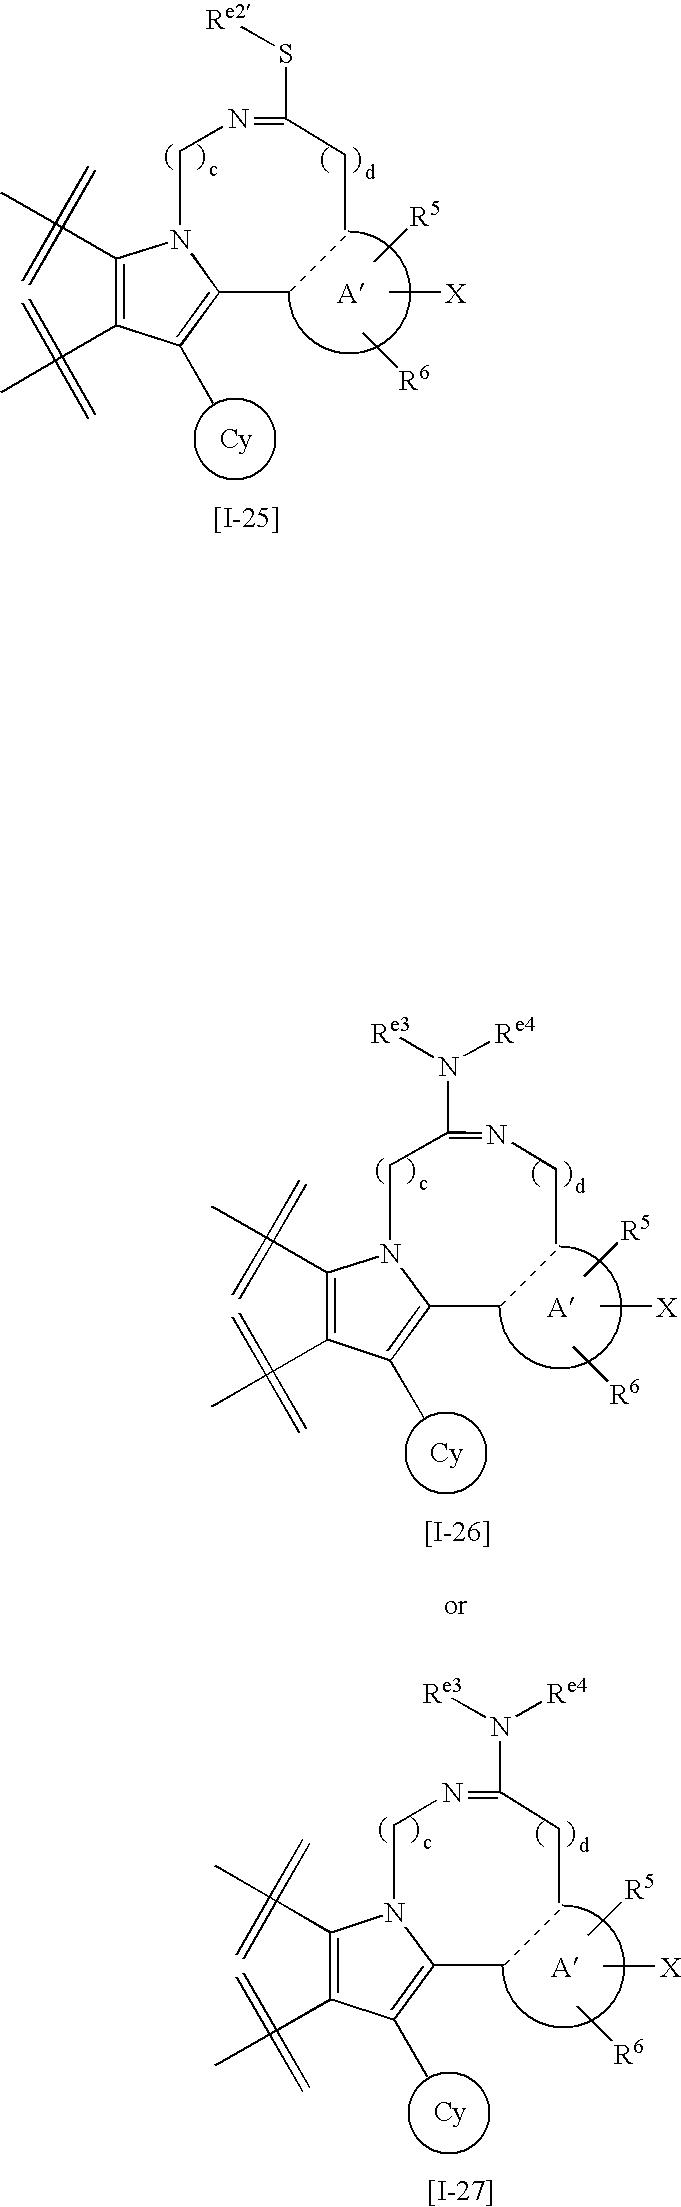 Figure US20070049593A1-20070301-C00288